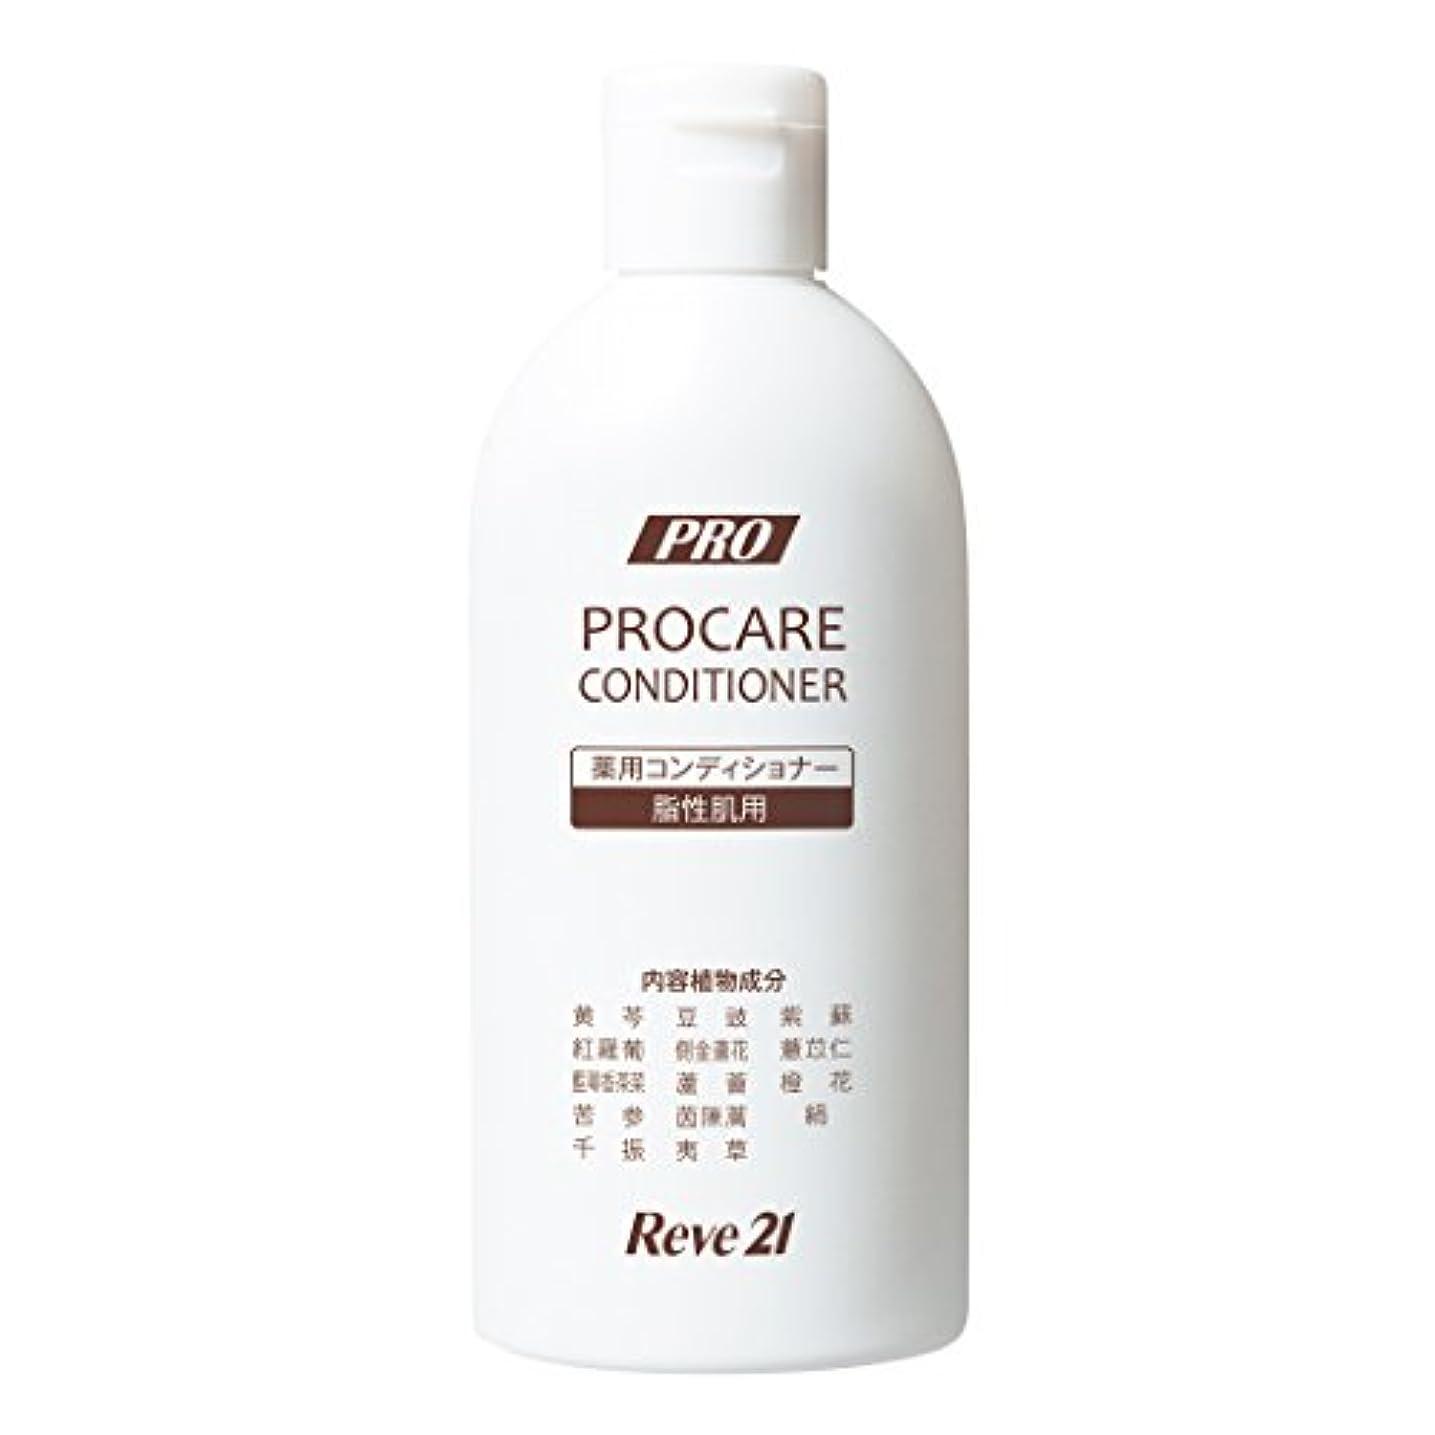 ブランデーストレンジャートランスミッションリーブ21 薬用プロケアコンディショナーB 《脂性肌用》200ml [医薬部外品] 育毛